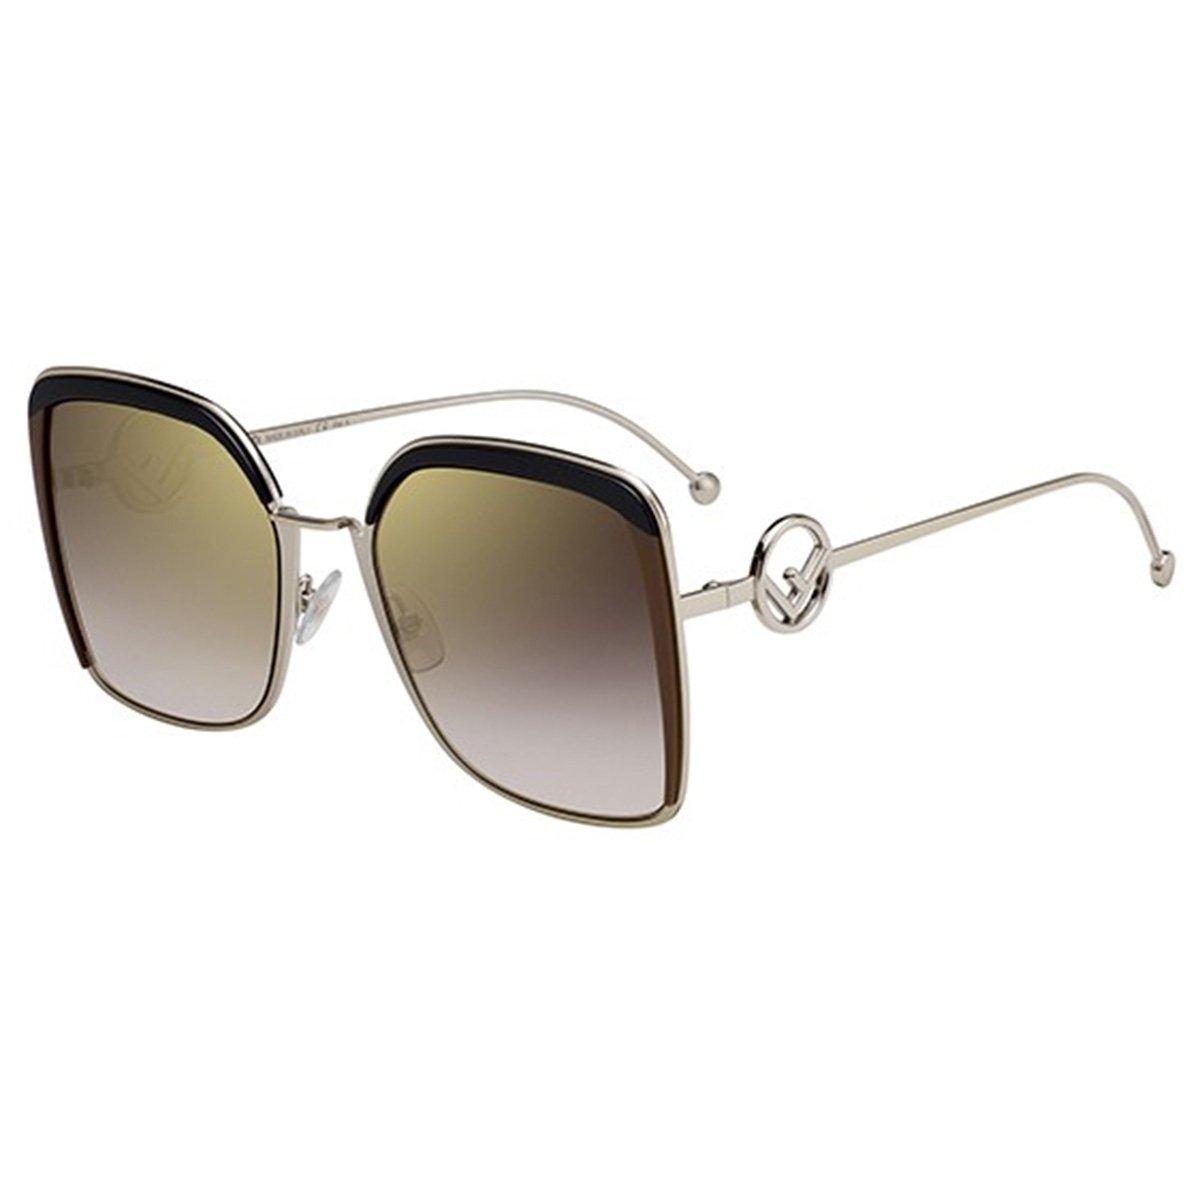 Compre Óculos de Sol Fendi F is Fendi em 10X   Tri-Jóia Shop 57ae380dd0